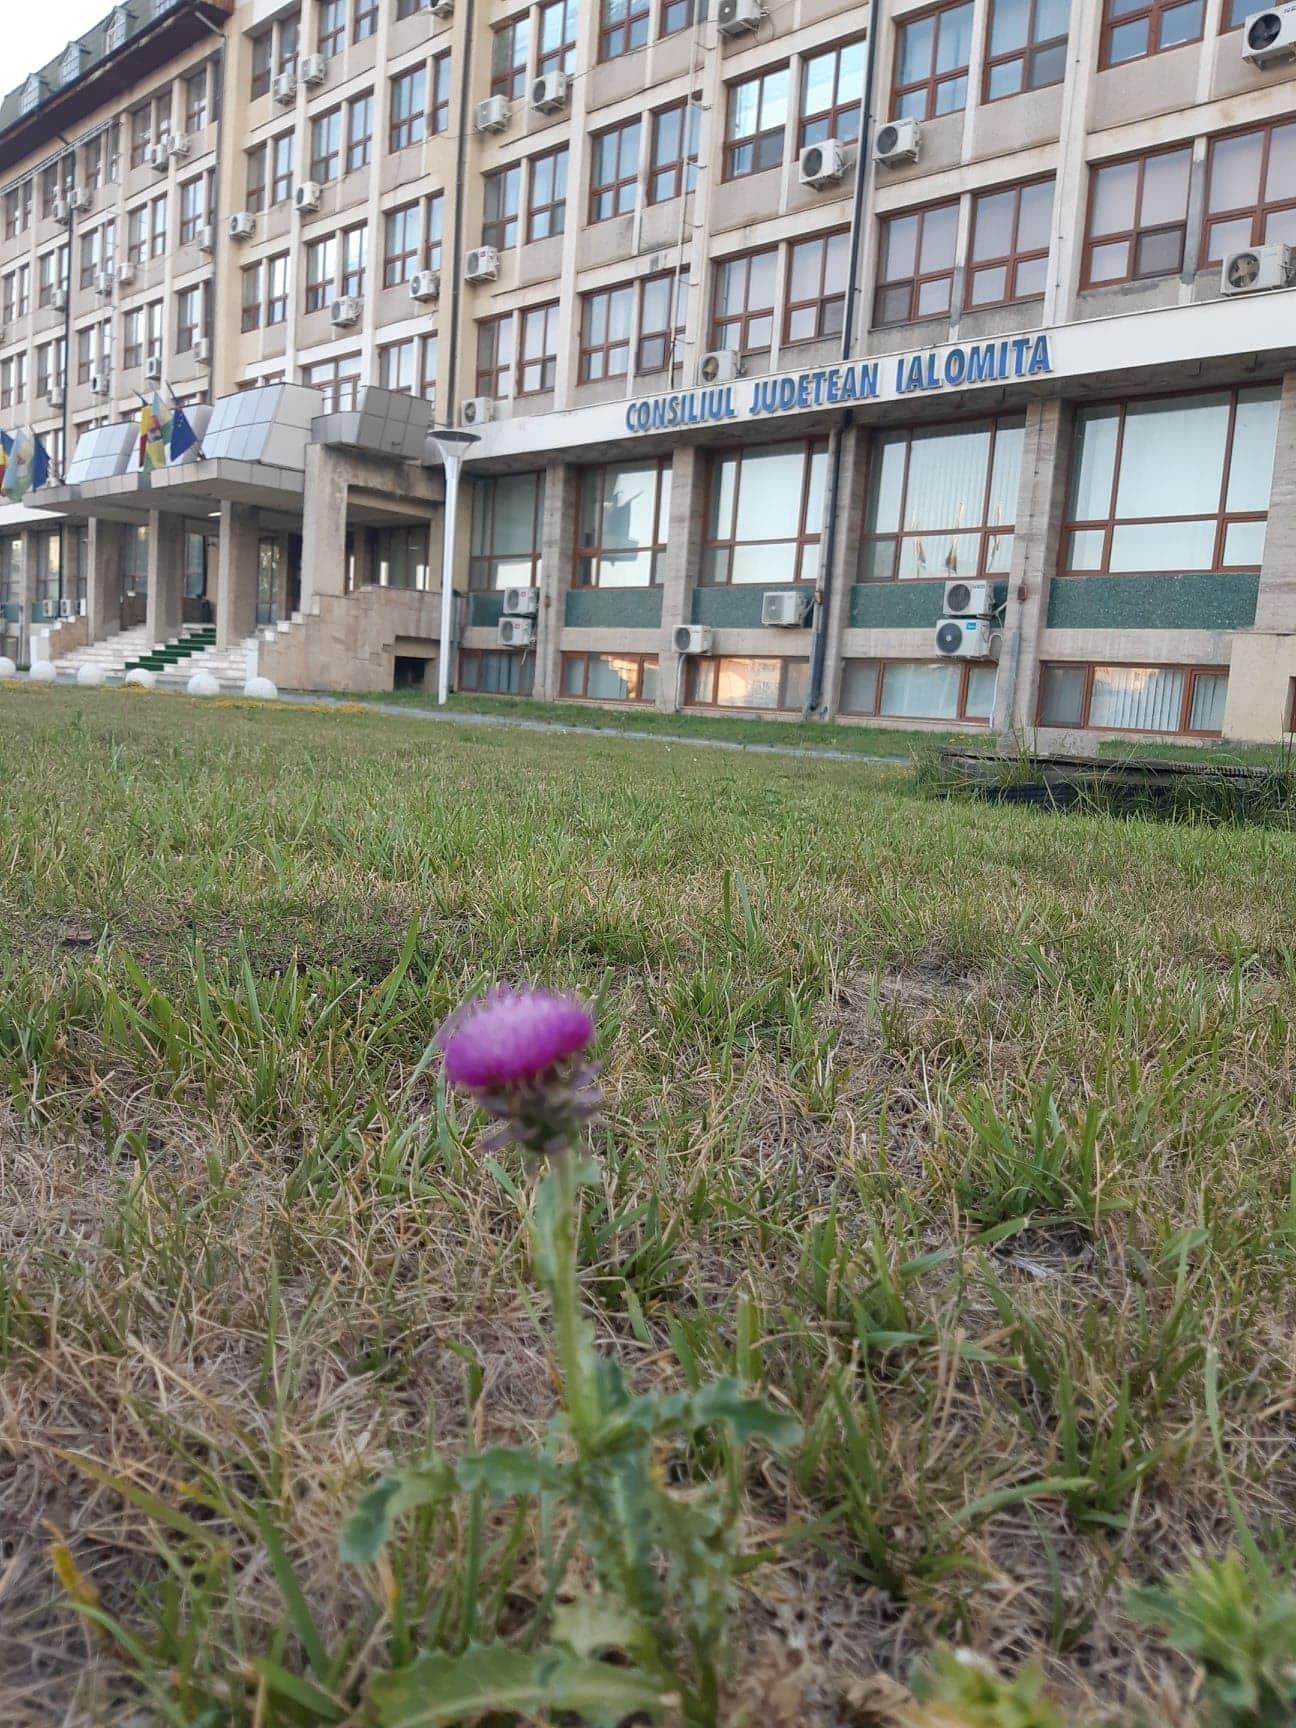 Cui anume şi pentru cât a concesionat Consiliul Judeţean cele 600 de hectare din zona Vlădeni